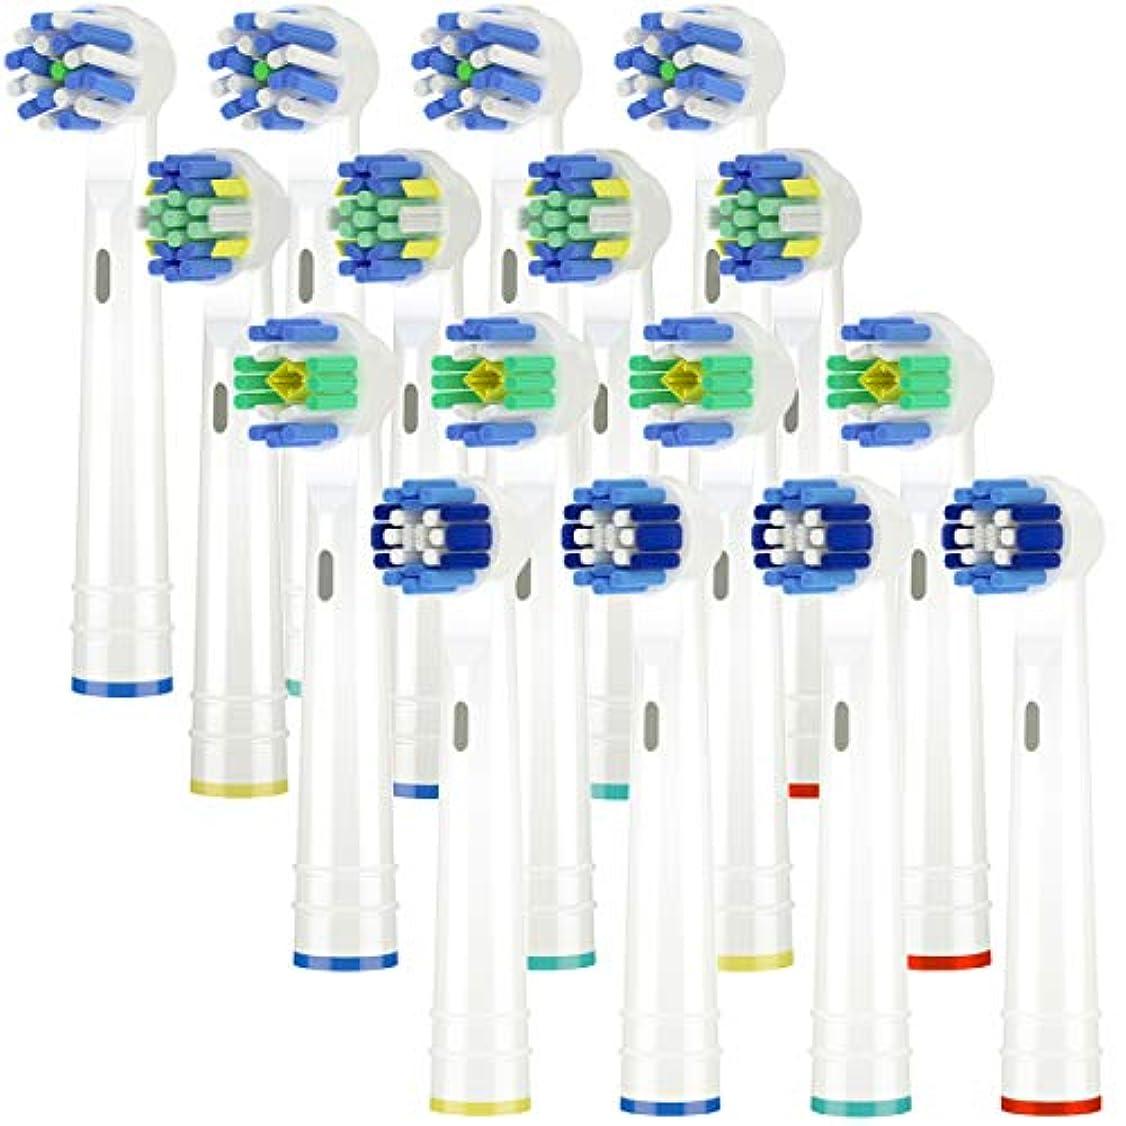 ファウルによって市民Itechnik 電動歯ブラシ 替えブラシ ブラウン オーラルB 対応 替えブラシ 4種類が入り:ホワイトニングブラシ 、ベーシックブラシ、歯間ワイパー付きブラシ、マルチアクションブラシ 凡用な16本